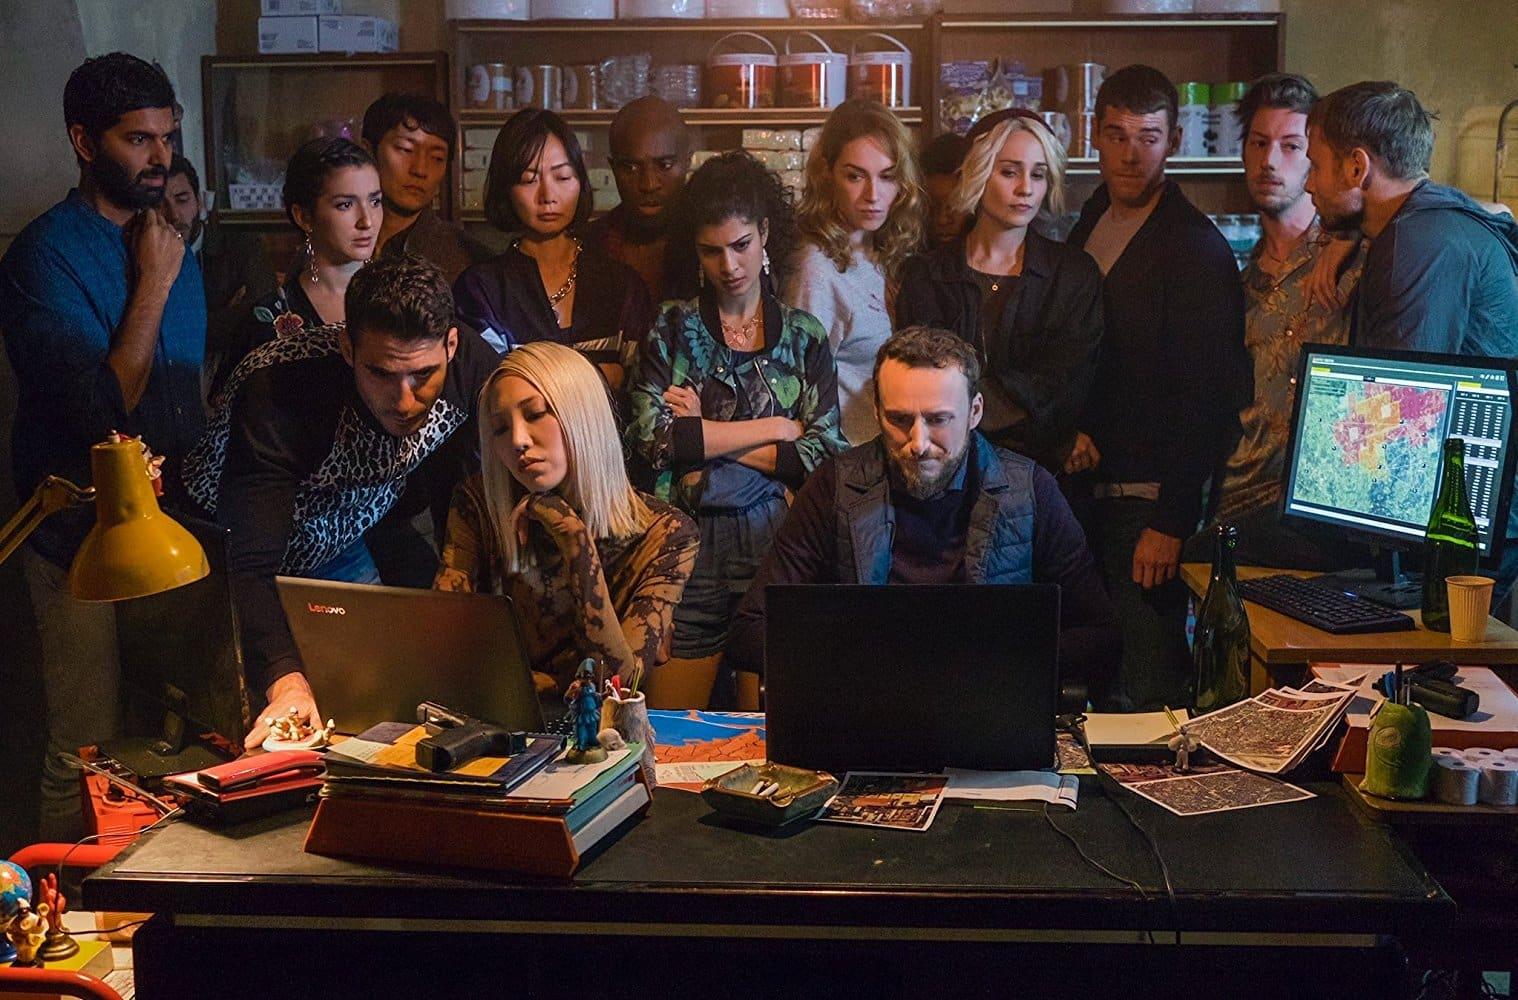 Netflix revela emotivo tráiler del episodio final de Sense8 que debutará el 8 de junio en la plataforma